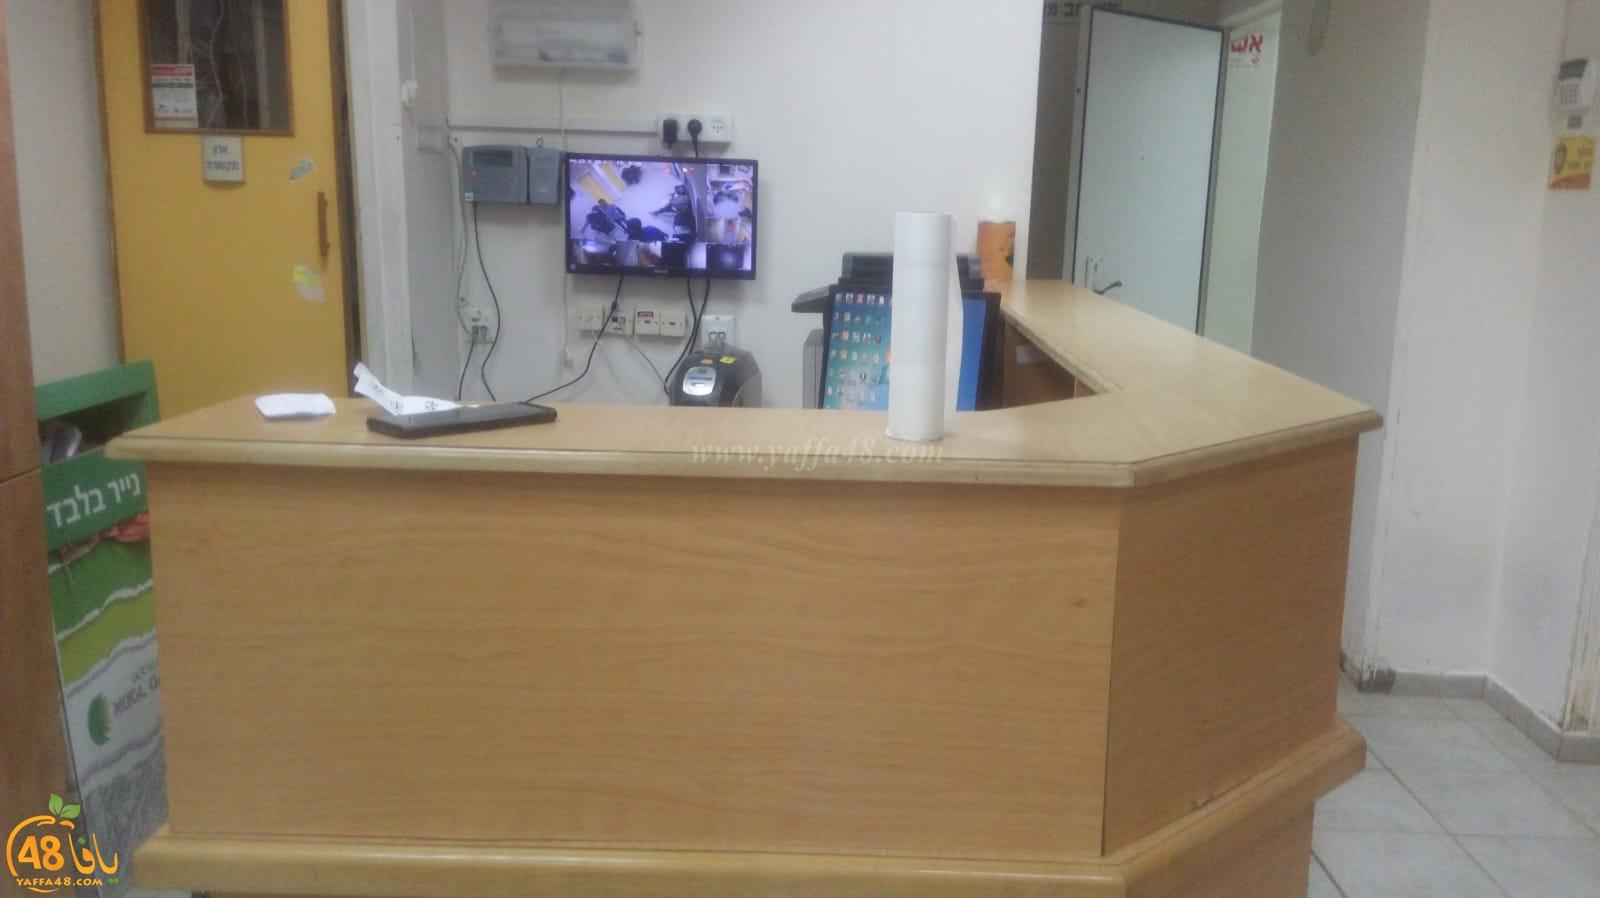 أهالي حي المحطة باللد يطالبون بتحسين الخدمات في صندوق المرضى بالحي